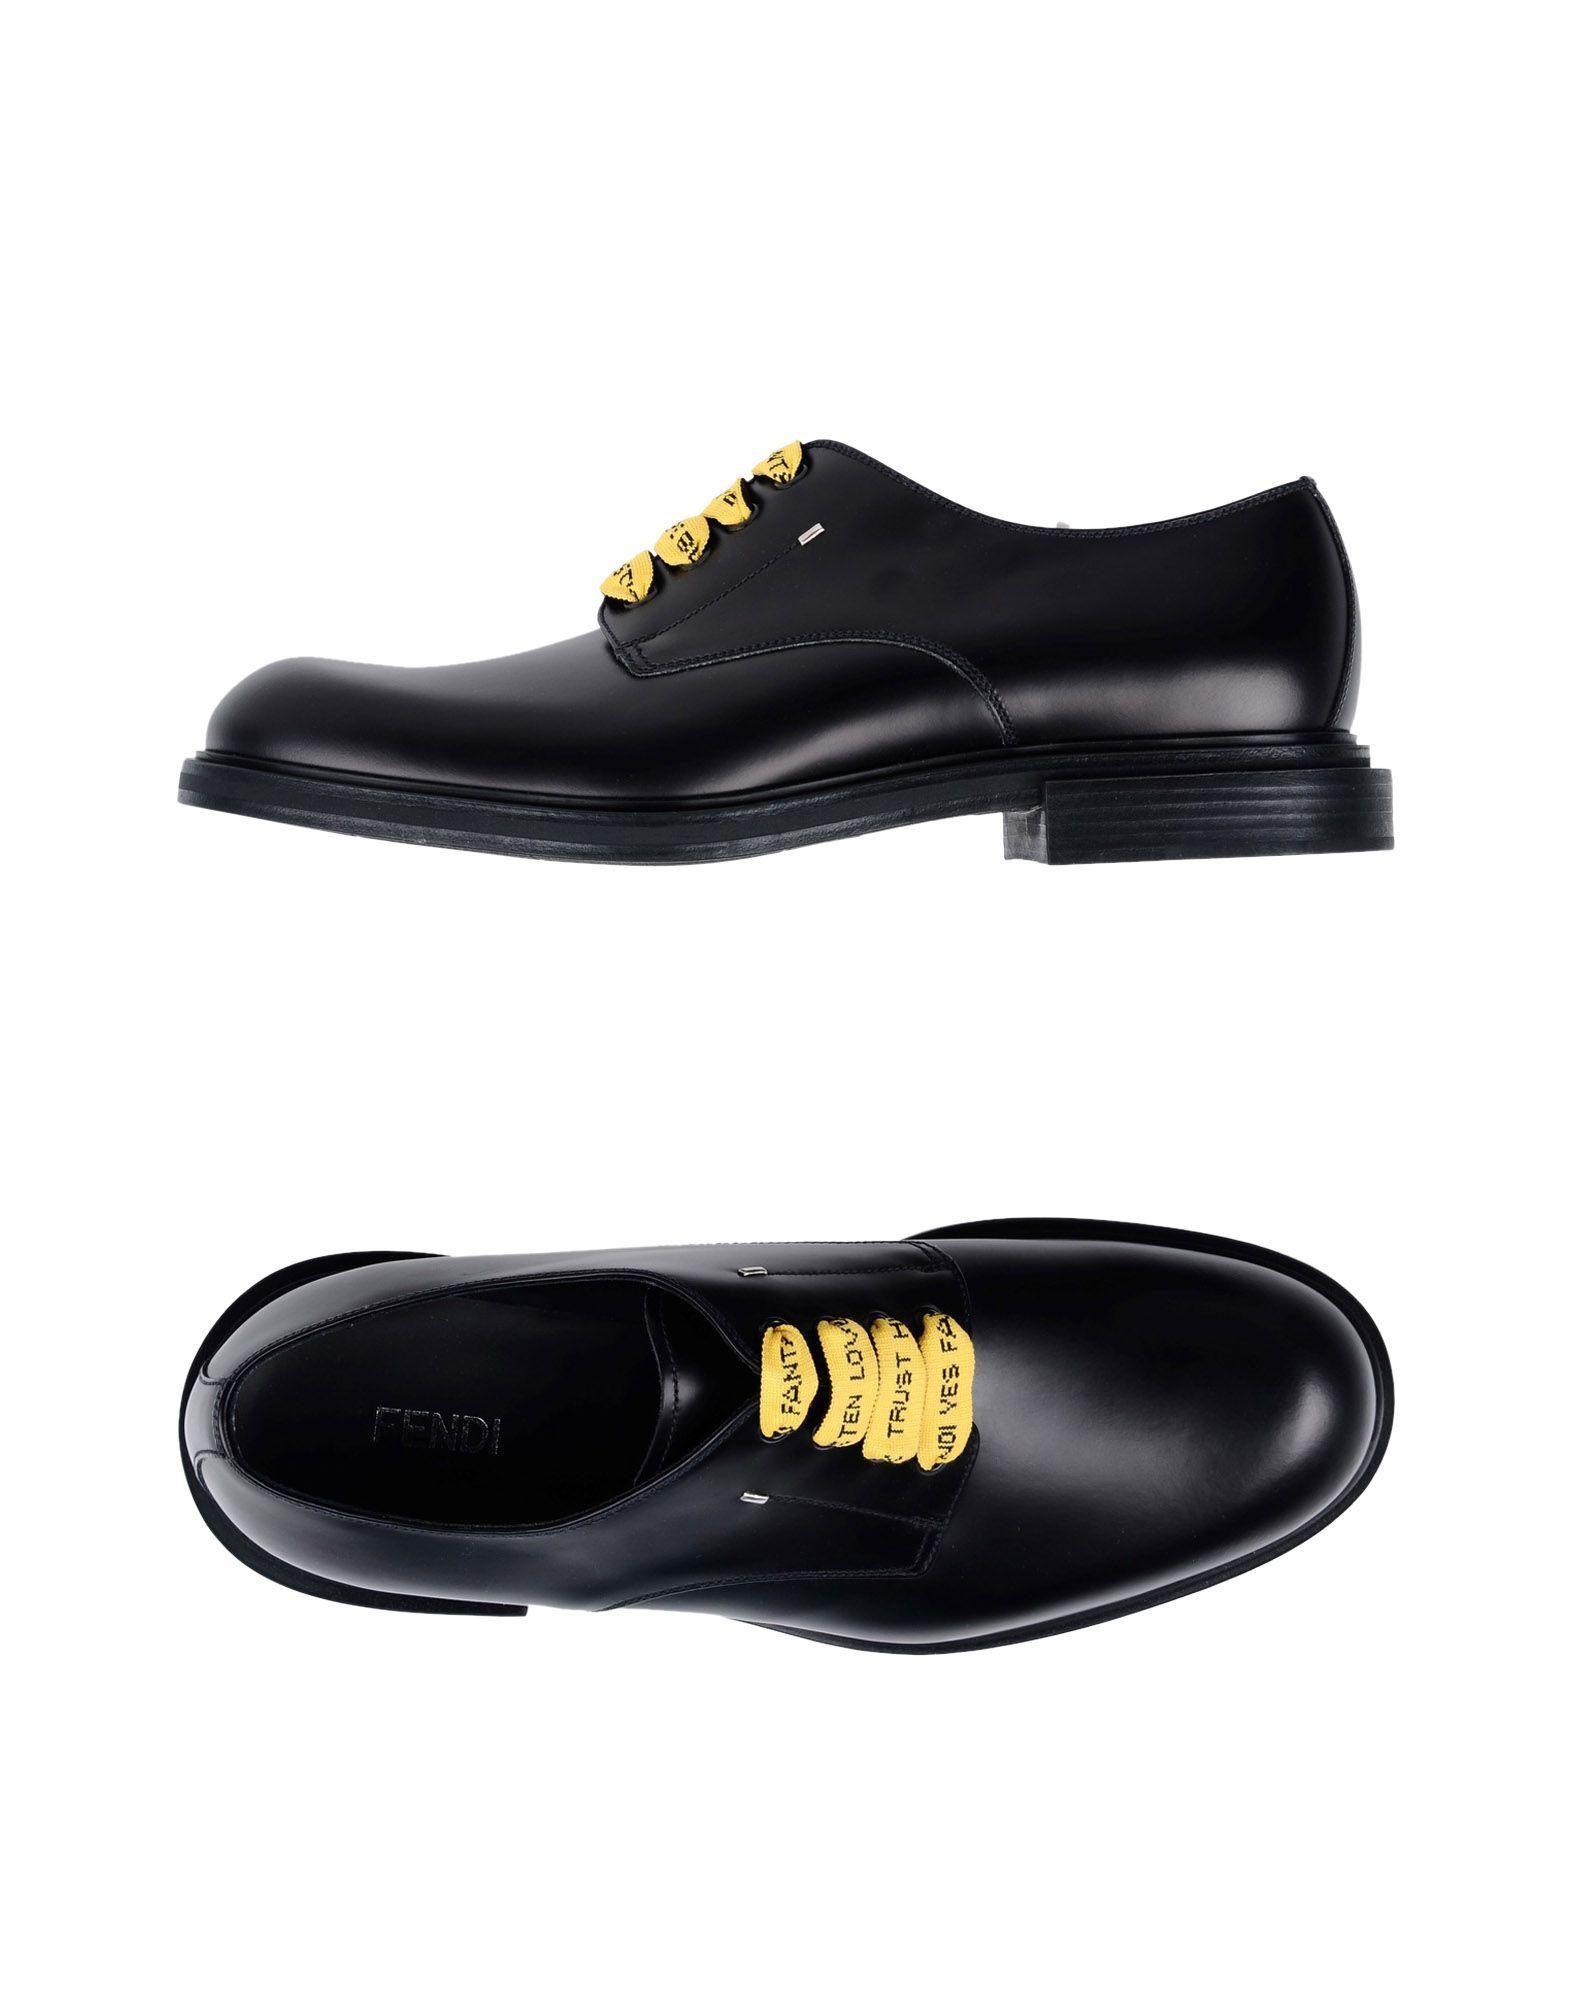 Fendi Schnürschuhe Herren  11465561LI Gute Qualität beliebte Schuhe